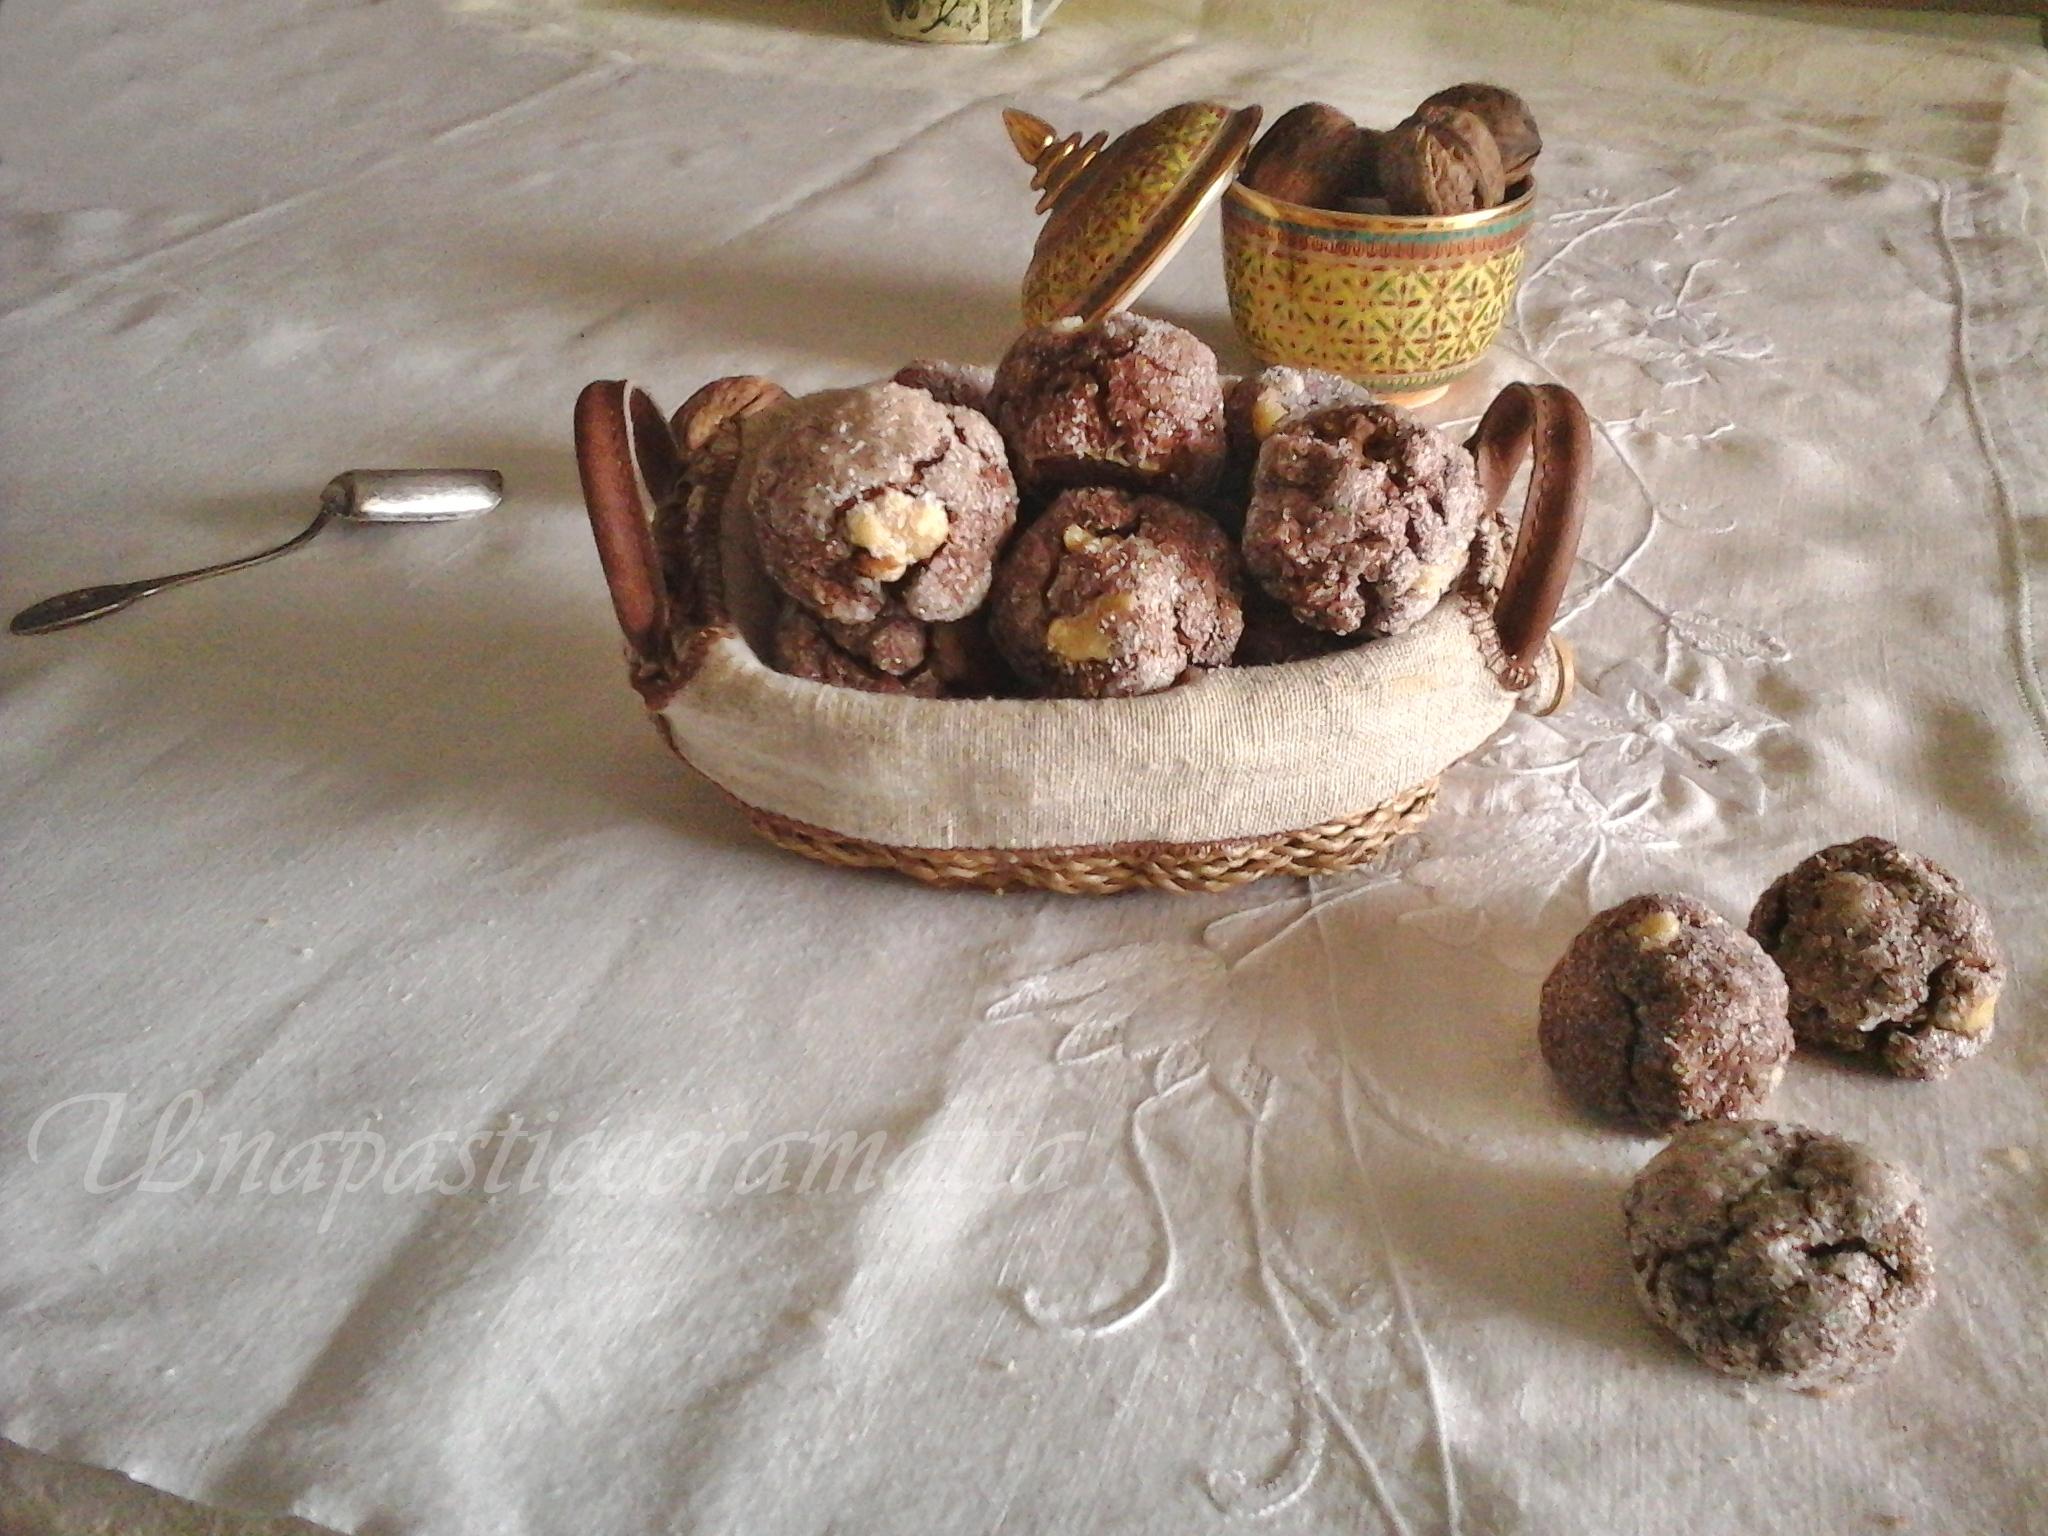 Biscotti con albumi noci e cacao - senza burro